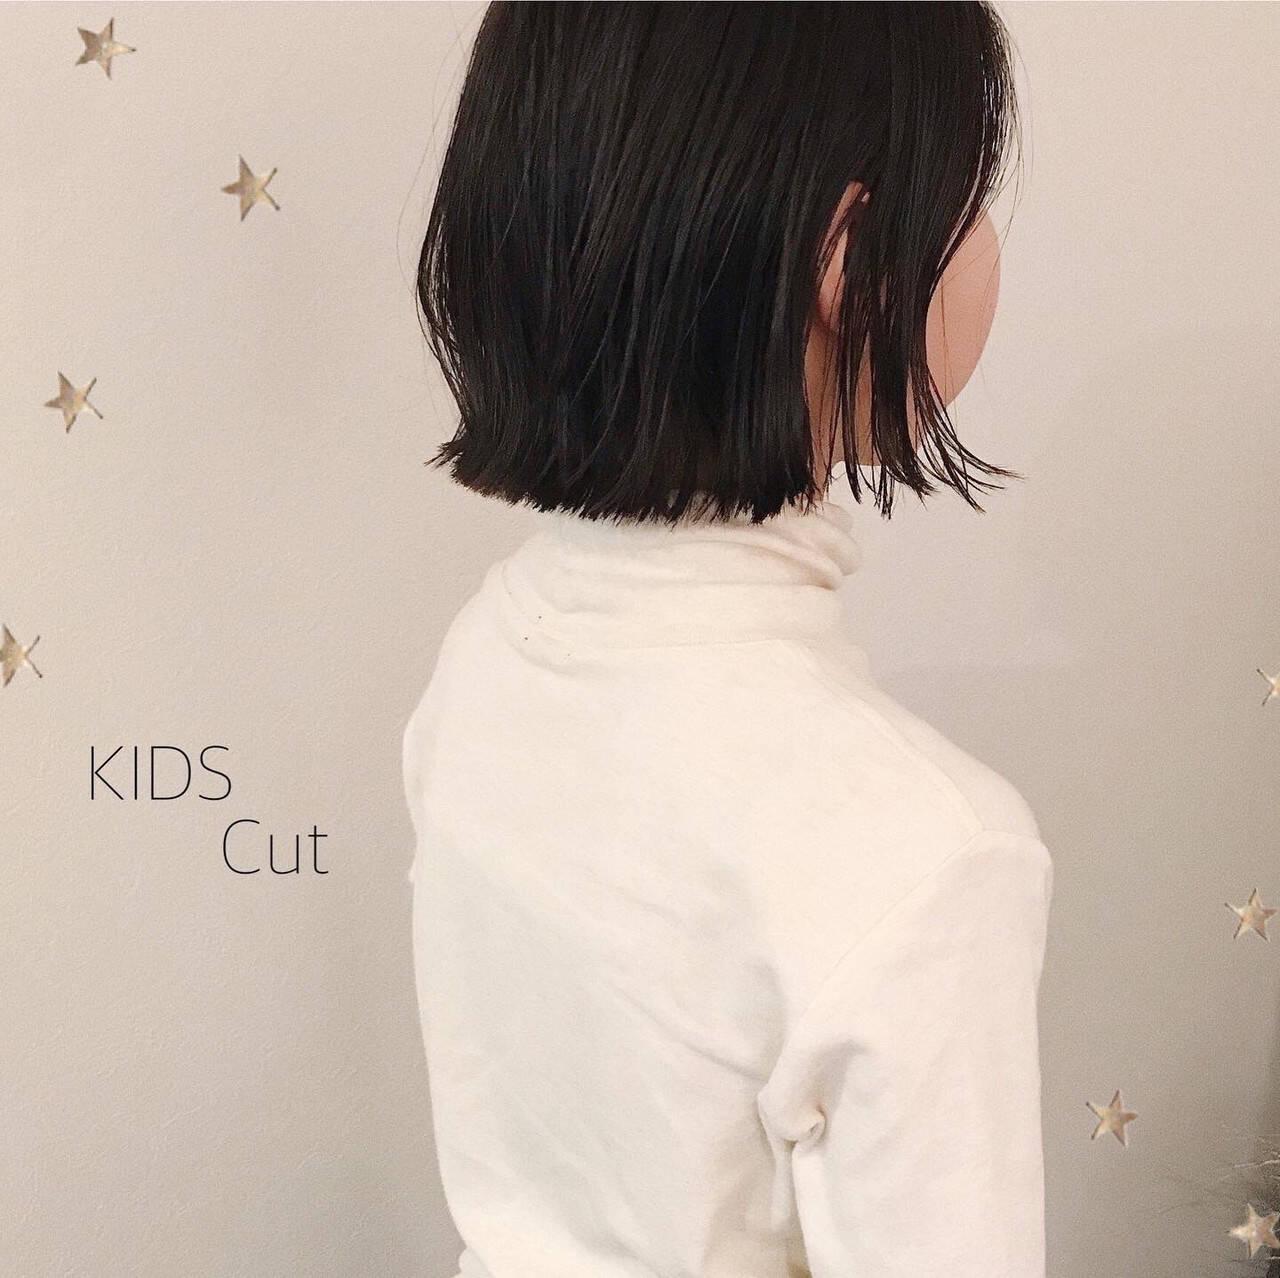 ナチュラル 子供 キッズカット ボブヘアスタイルや髪型の写真・画像